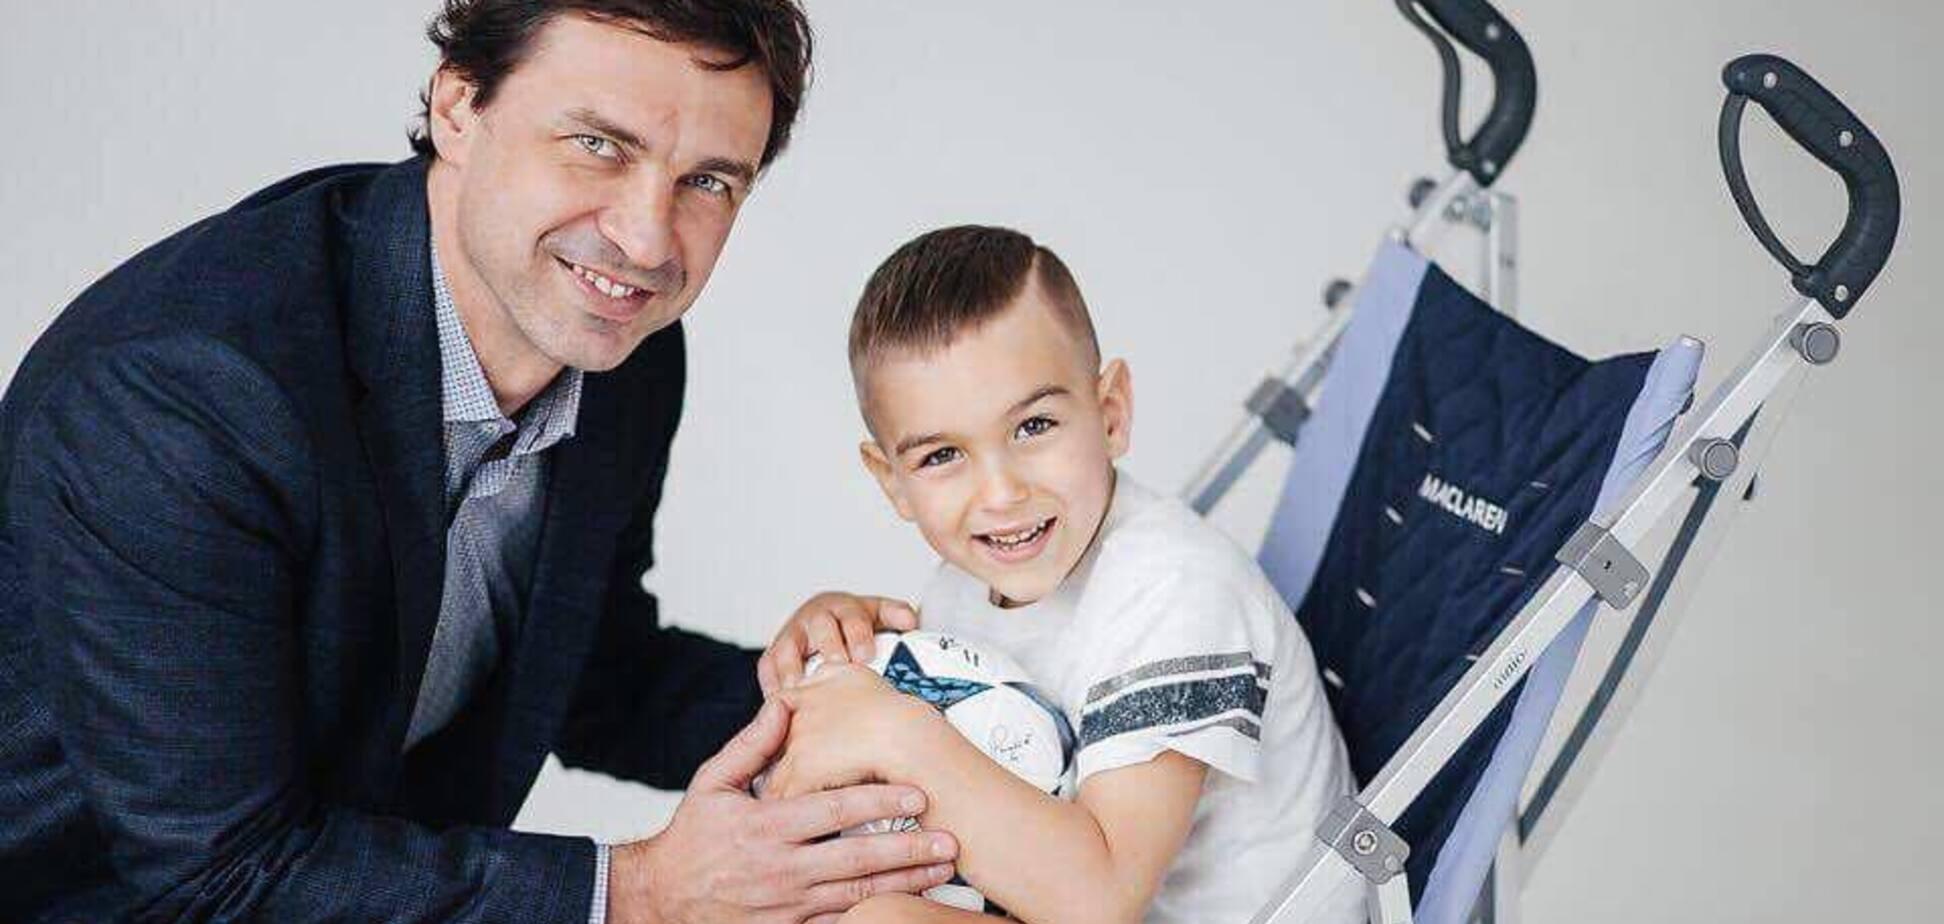 Легенда 'Динамо' допоміг 5-річному хлопчику з ДЦП